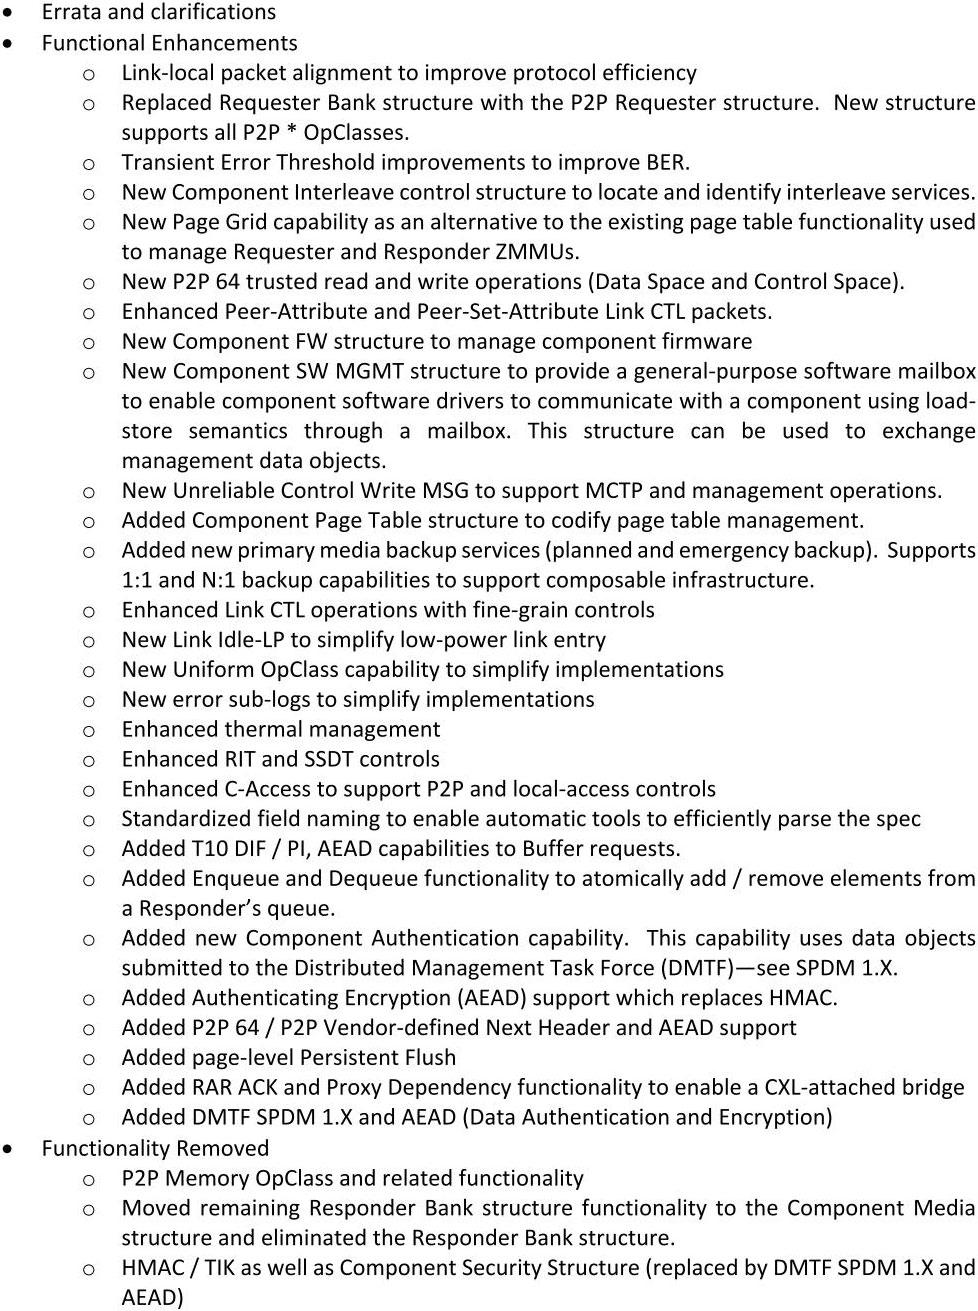 細かいImprovementは数多くあるが、大きなアーキテクチャの変革に繋がるようなものは特に見当たらない。出典はGen-Z Core Specification Version 1.1